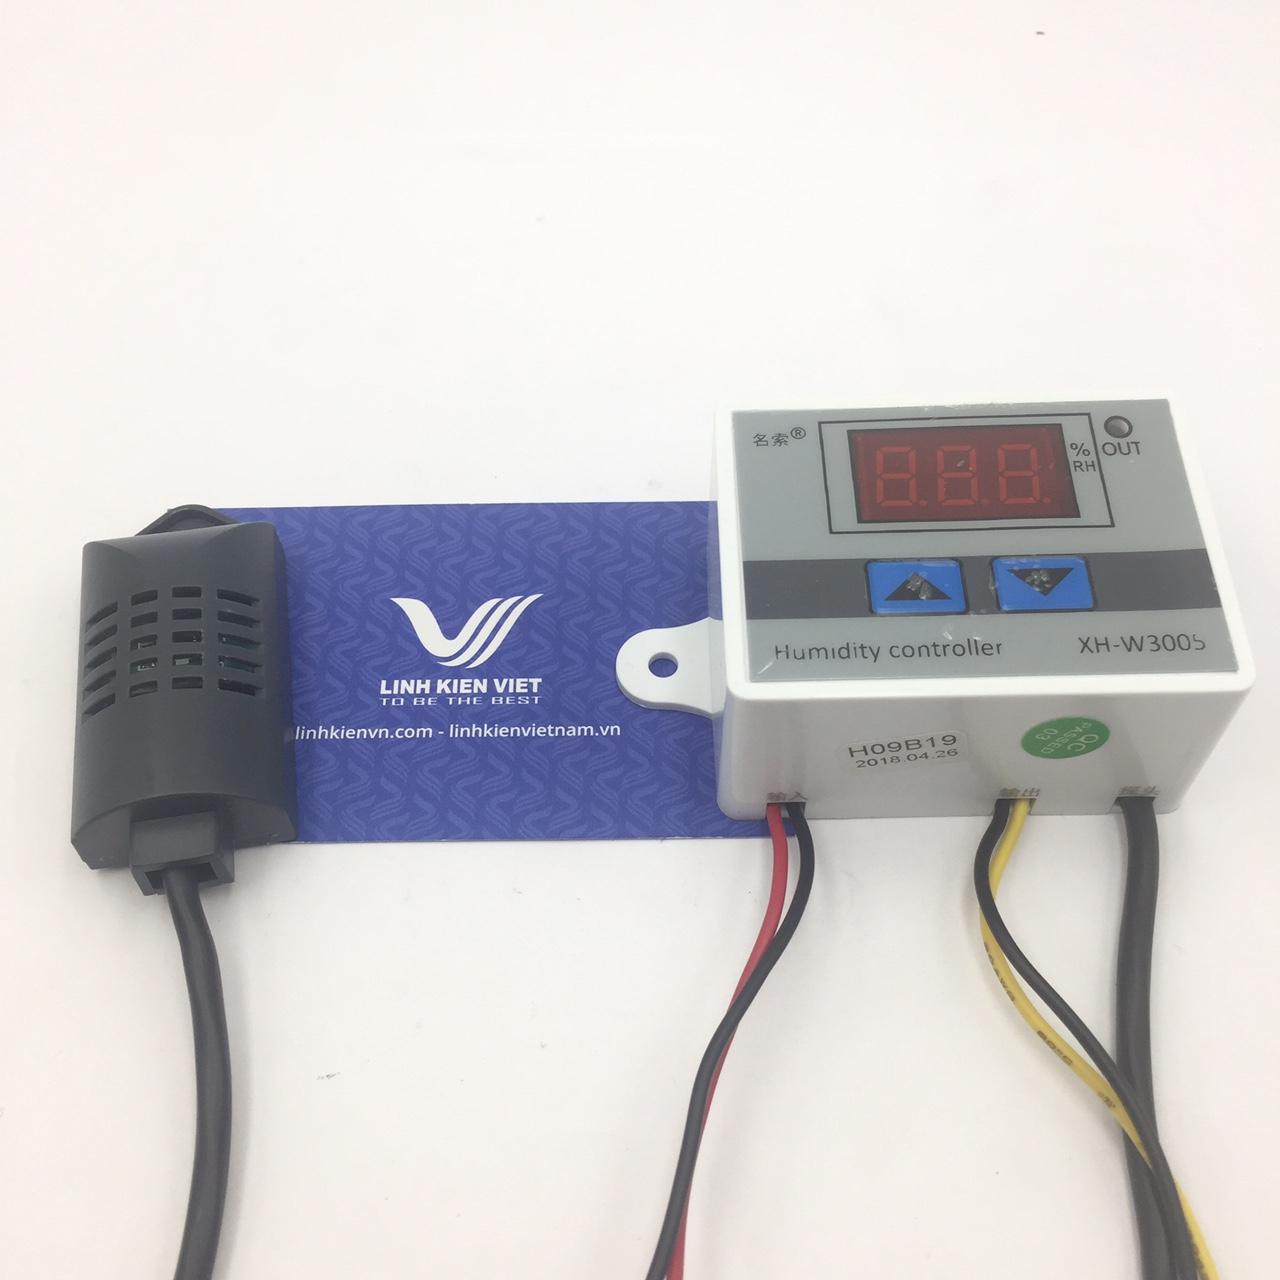 Module điều khiển Độ ẩm XH-W3005 24V có vỏ - s1H6